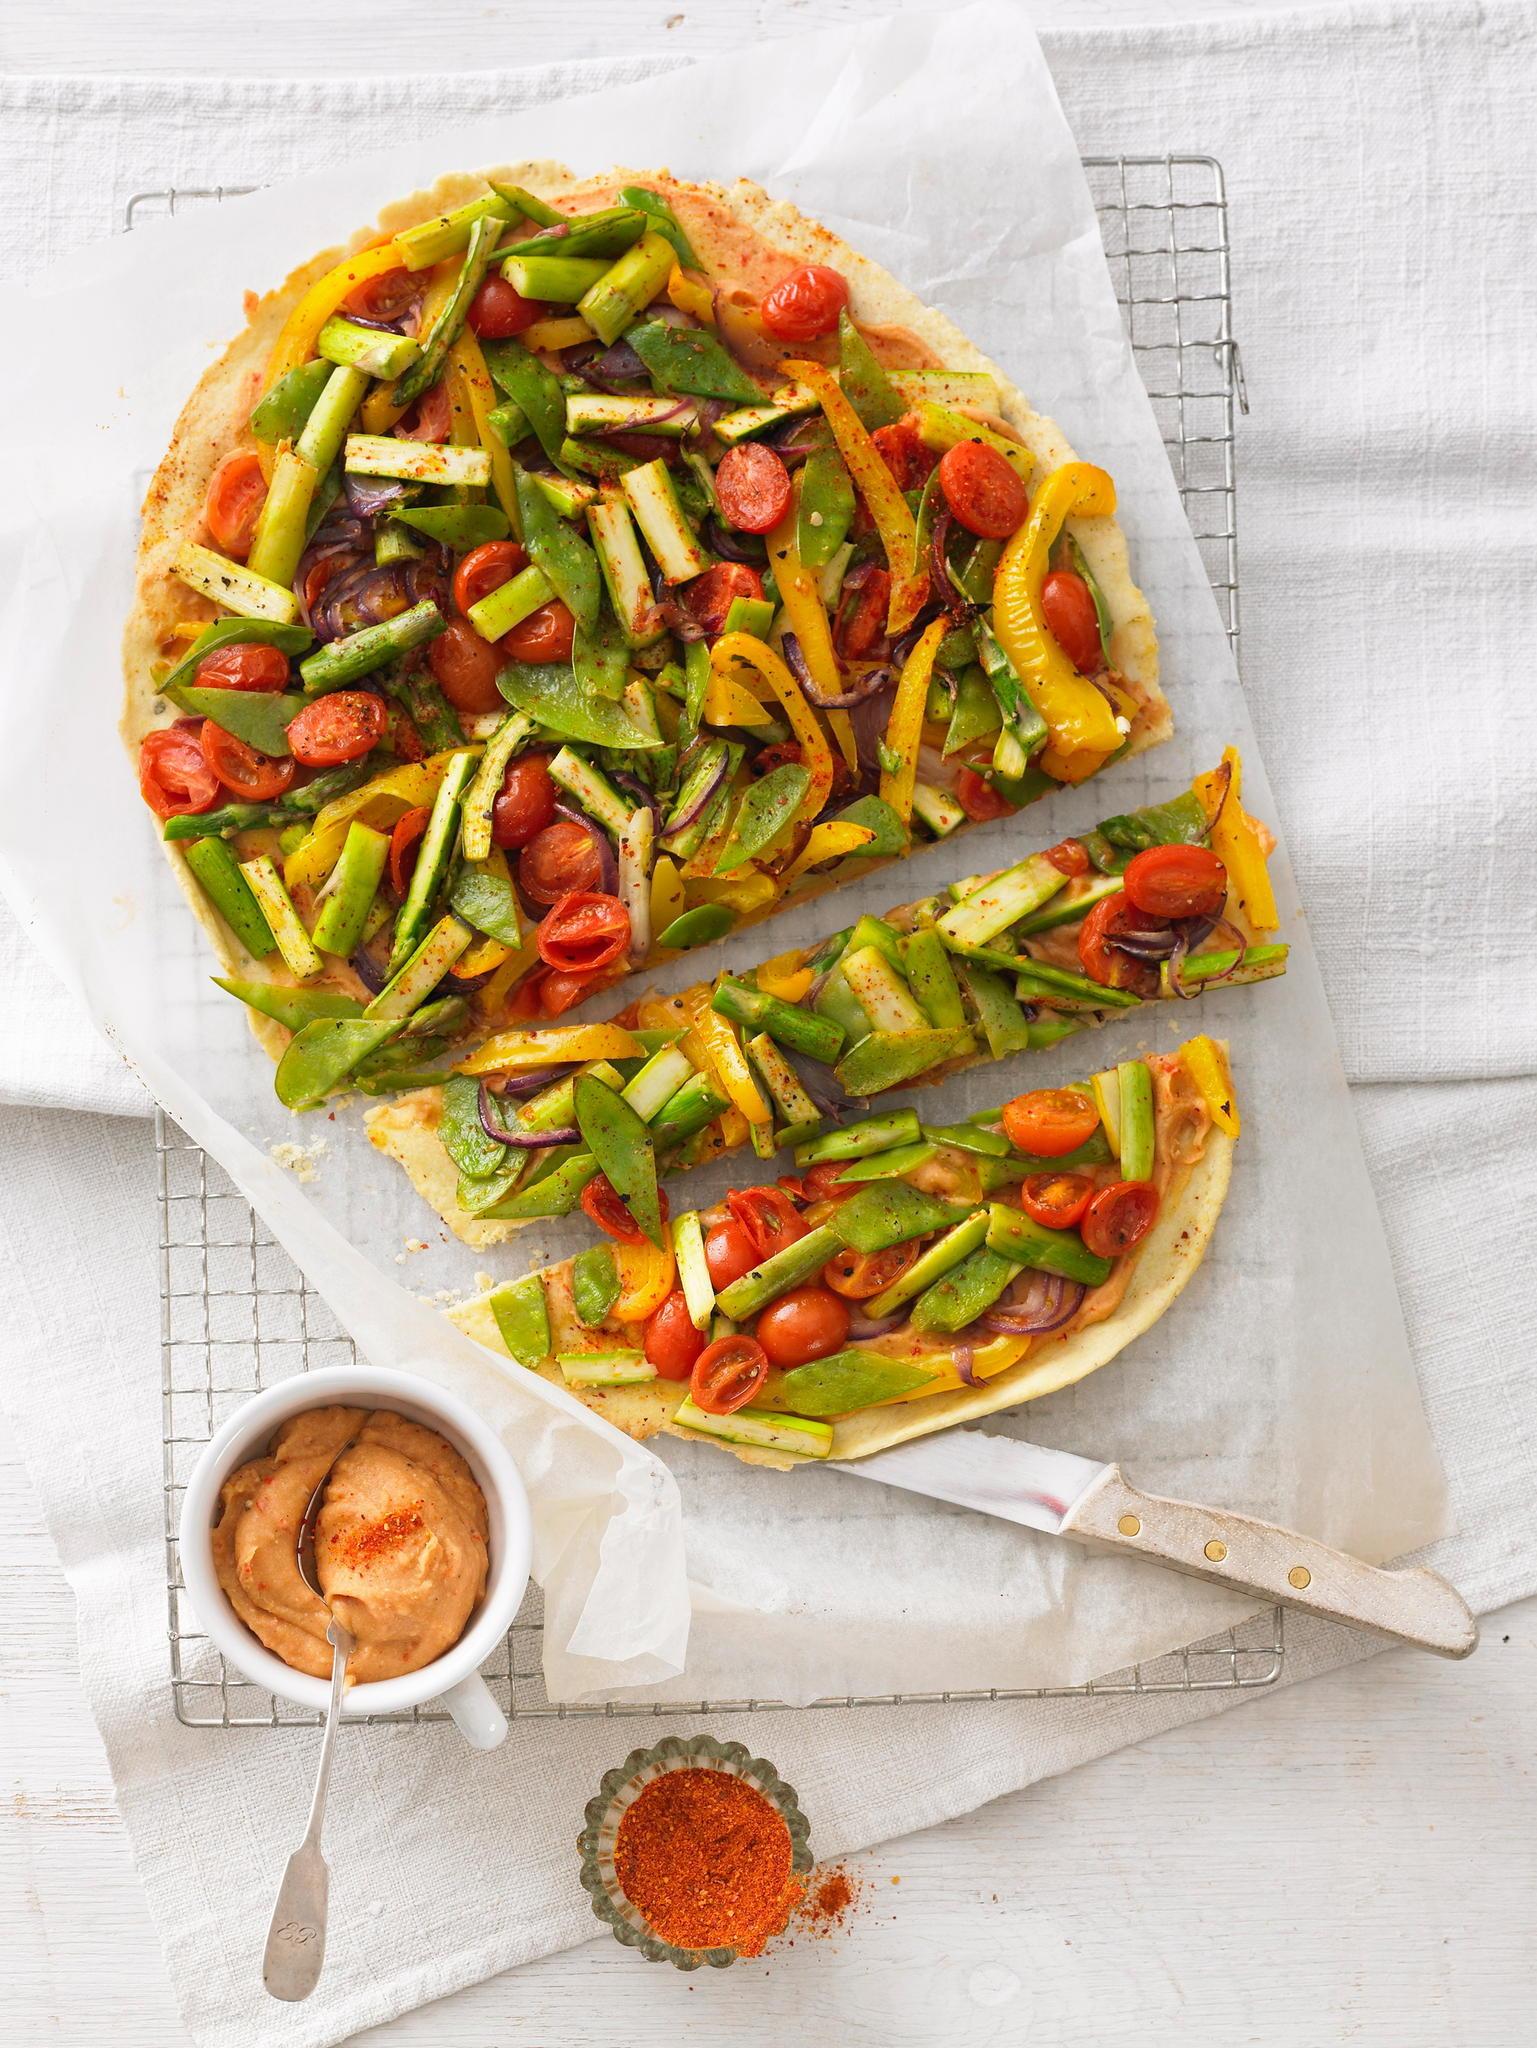 Tarte mit gegrilltem Gemüse